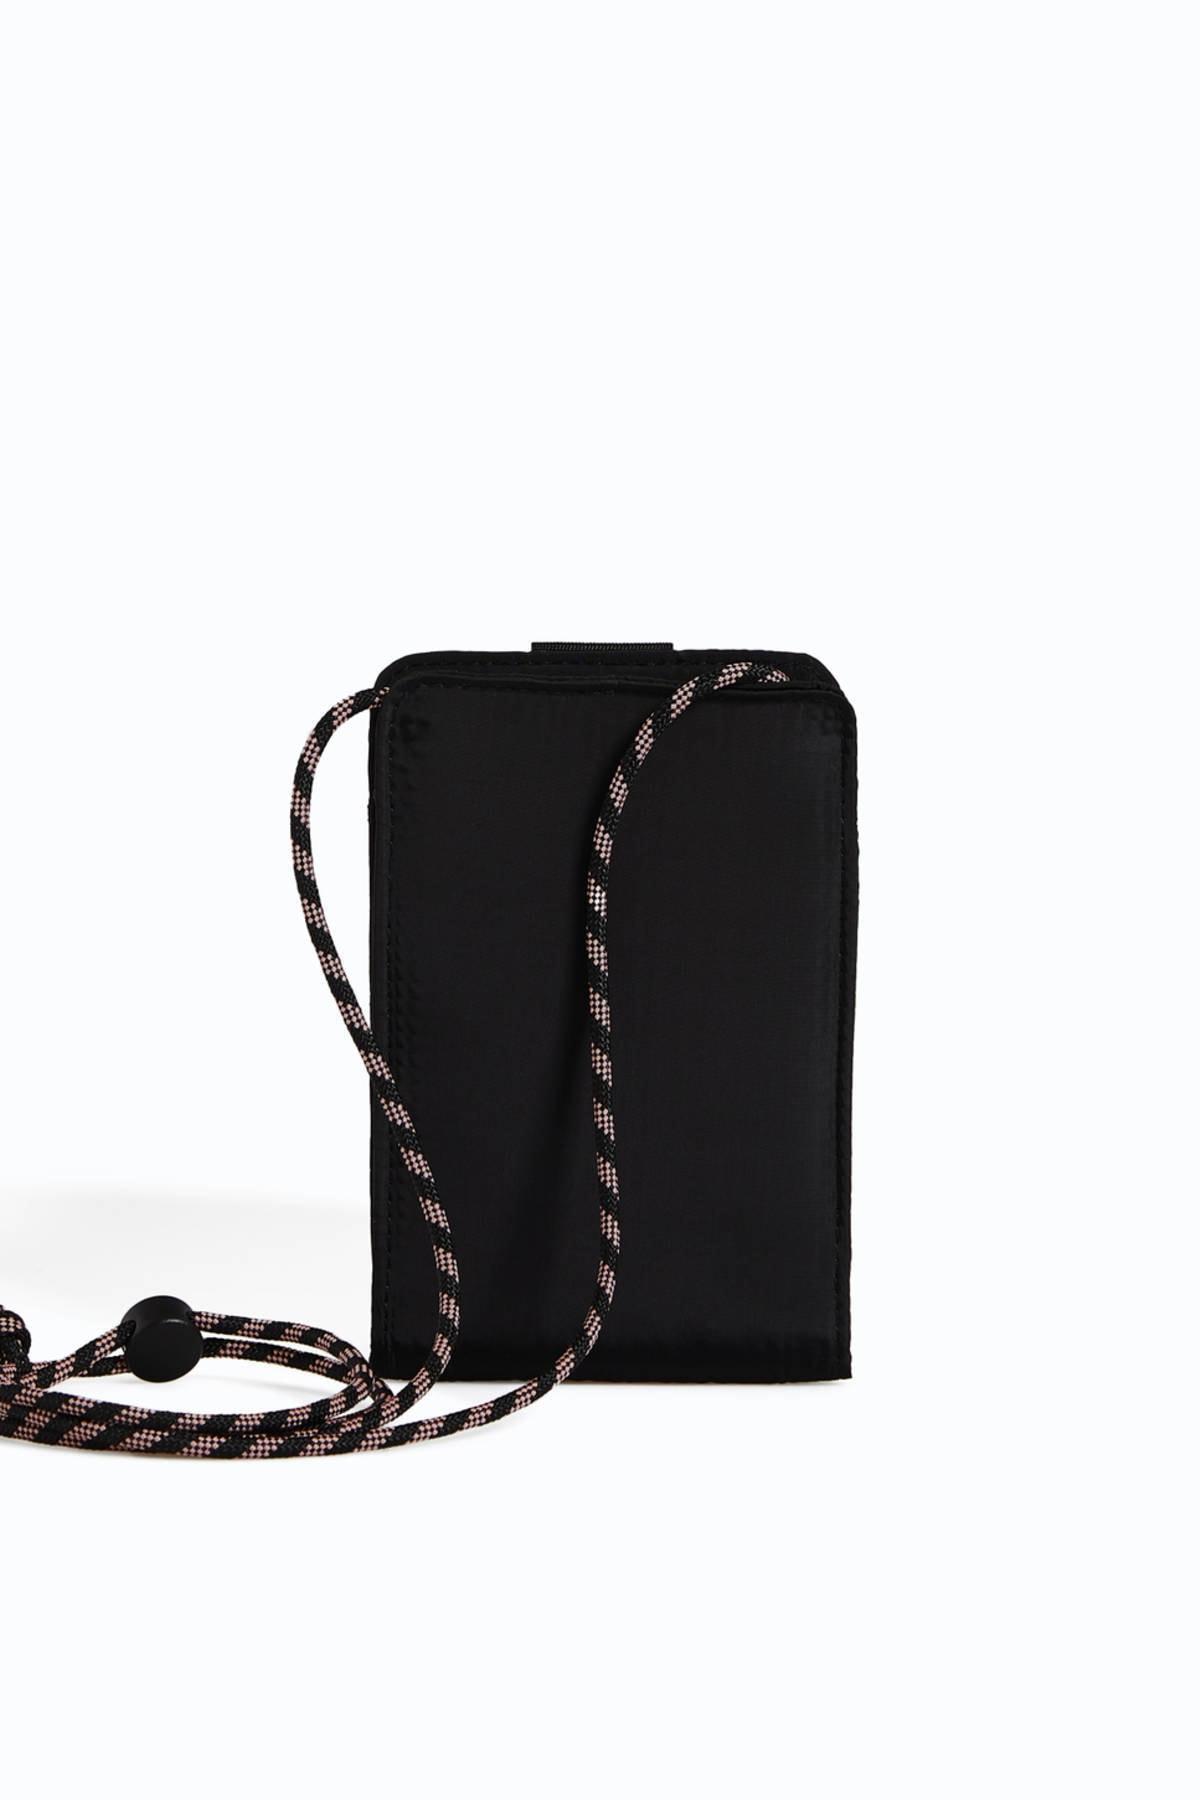 Oysho Kadın Siyah Omuz Askılı Cep Telefonu Çantası 0